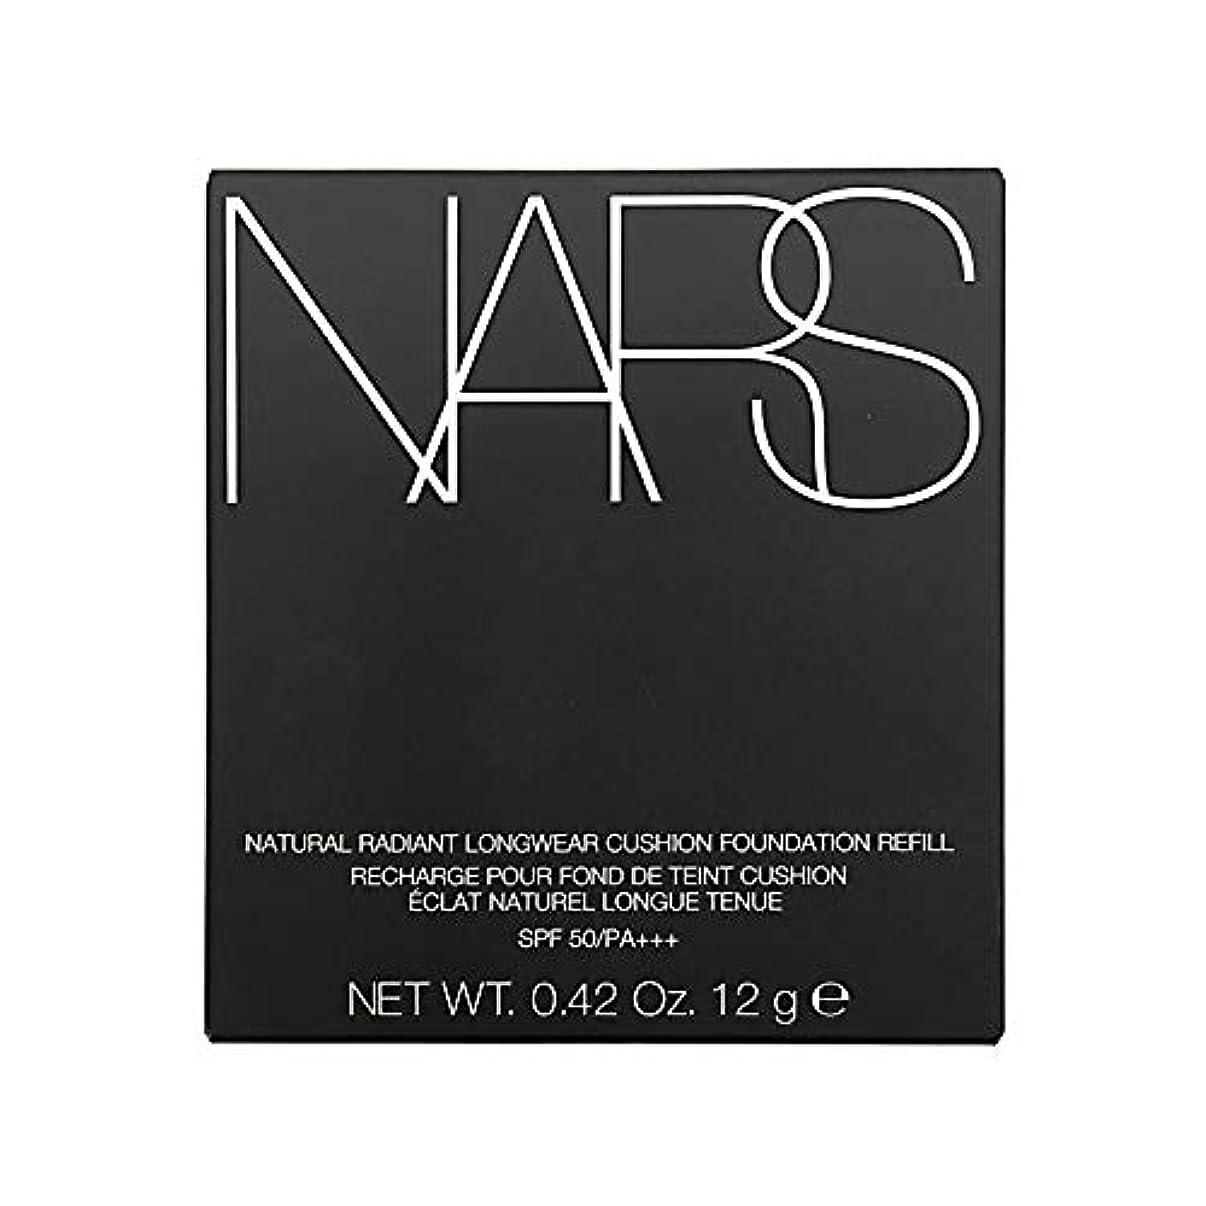 抑制ファイナンス謝るナーズ/NARS ナチュラルラディアント ロングウェア クッションファンデーション(レフィル)#5879 [ クッションファンデ ] [並行輸入品]